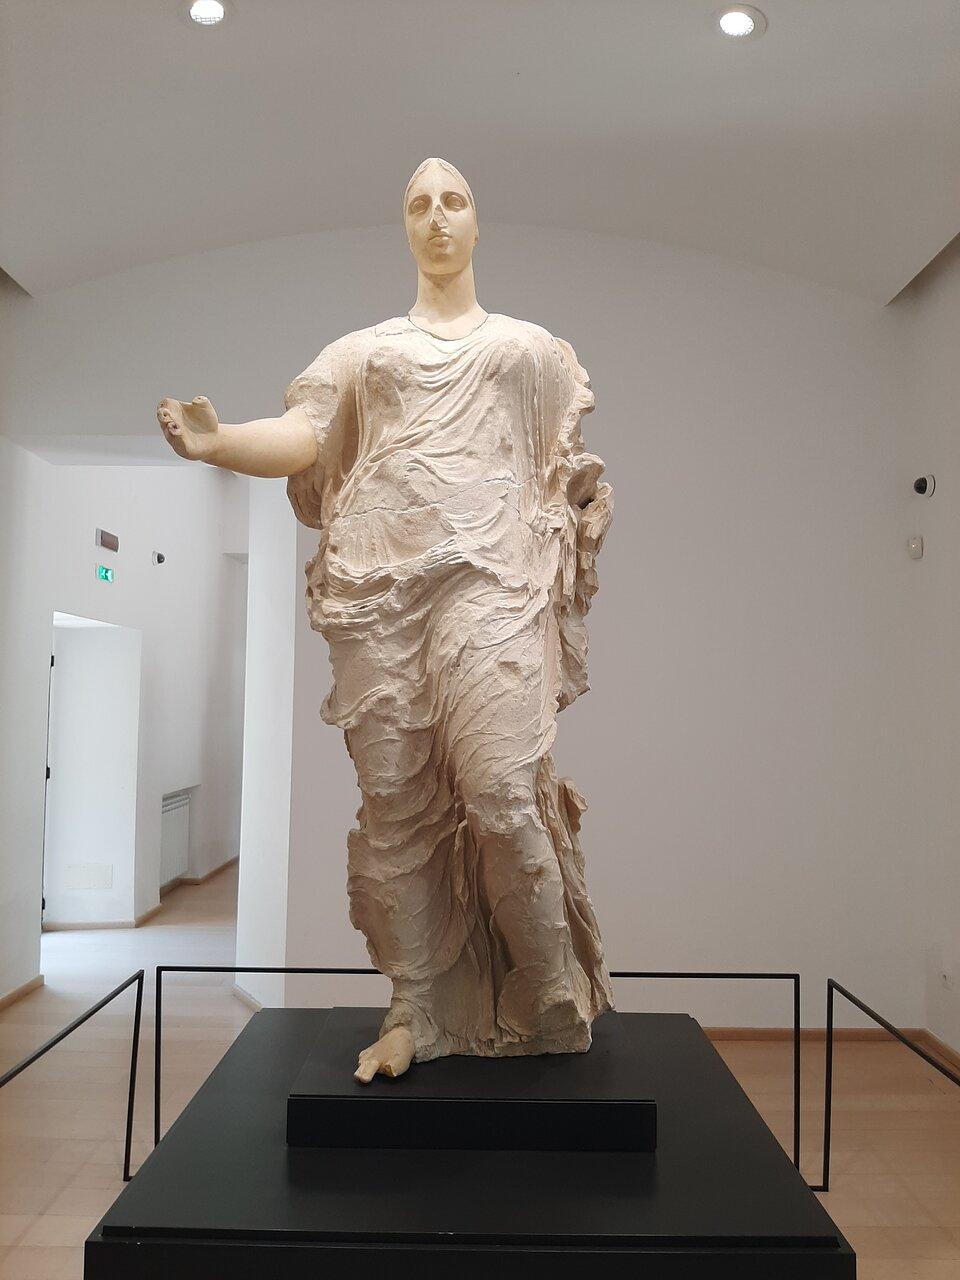 Museo Archeologico di Aidone: AGGIORNATO 2021 - tutto quello che c'è da sapere - Tripadvisor